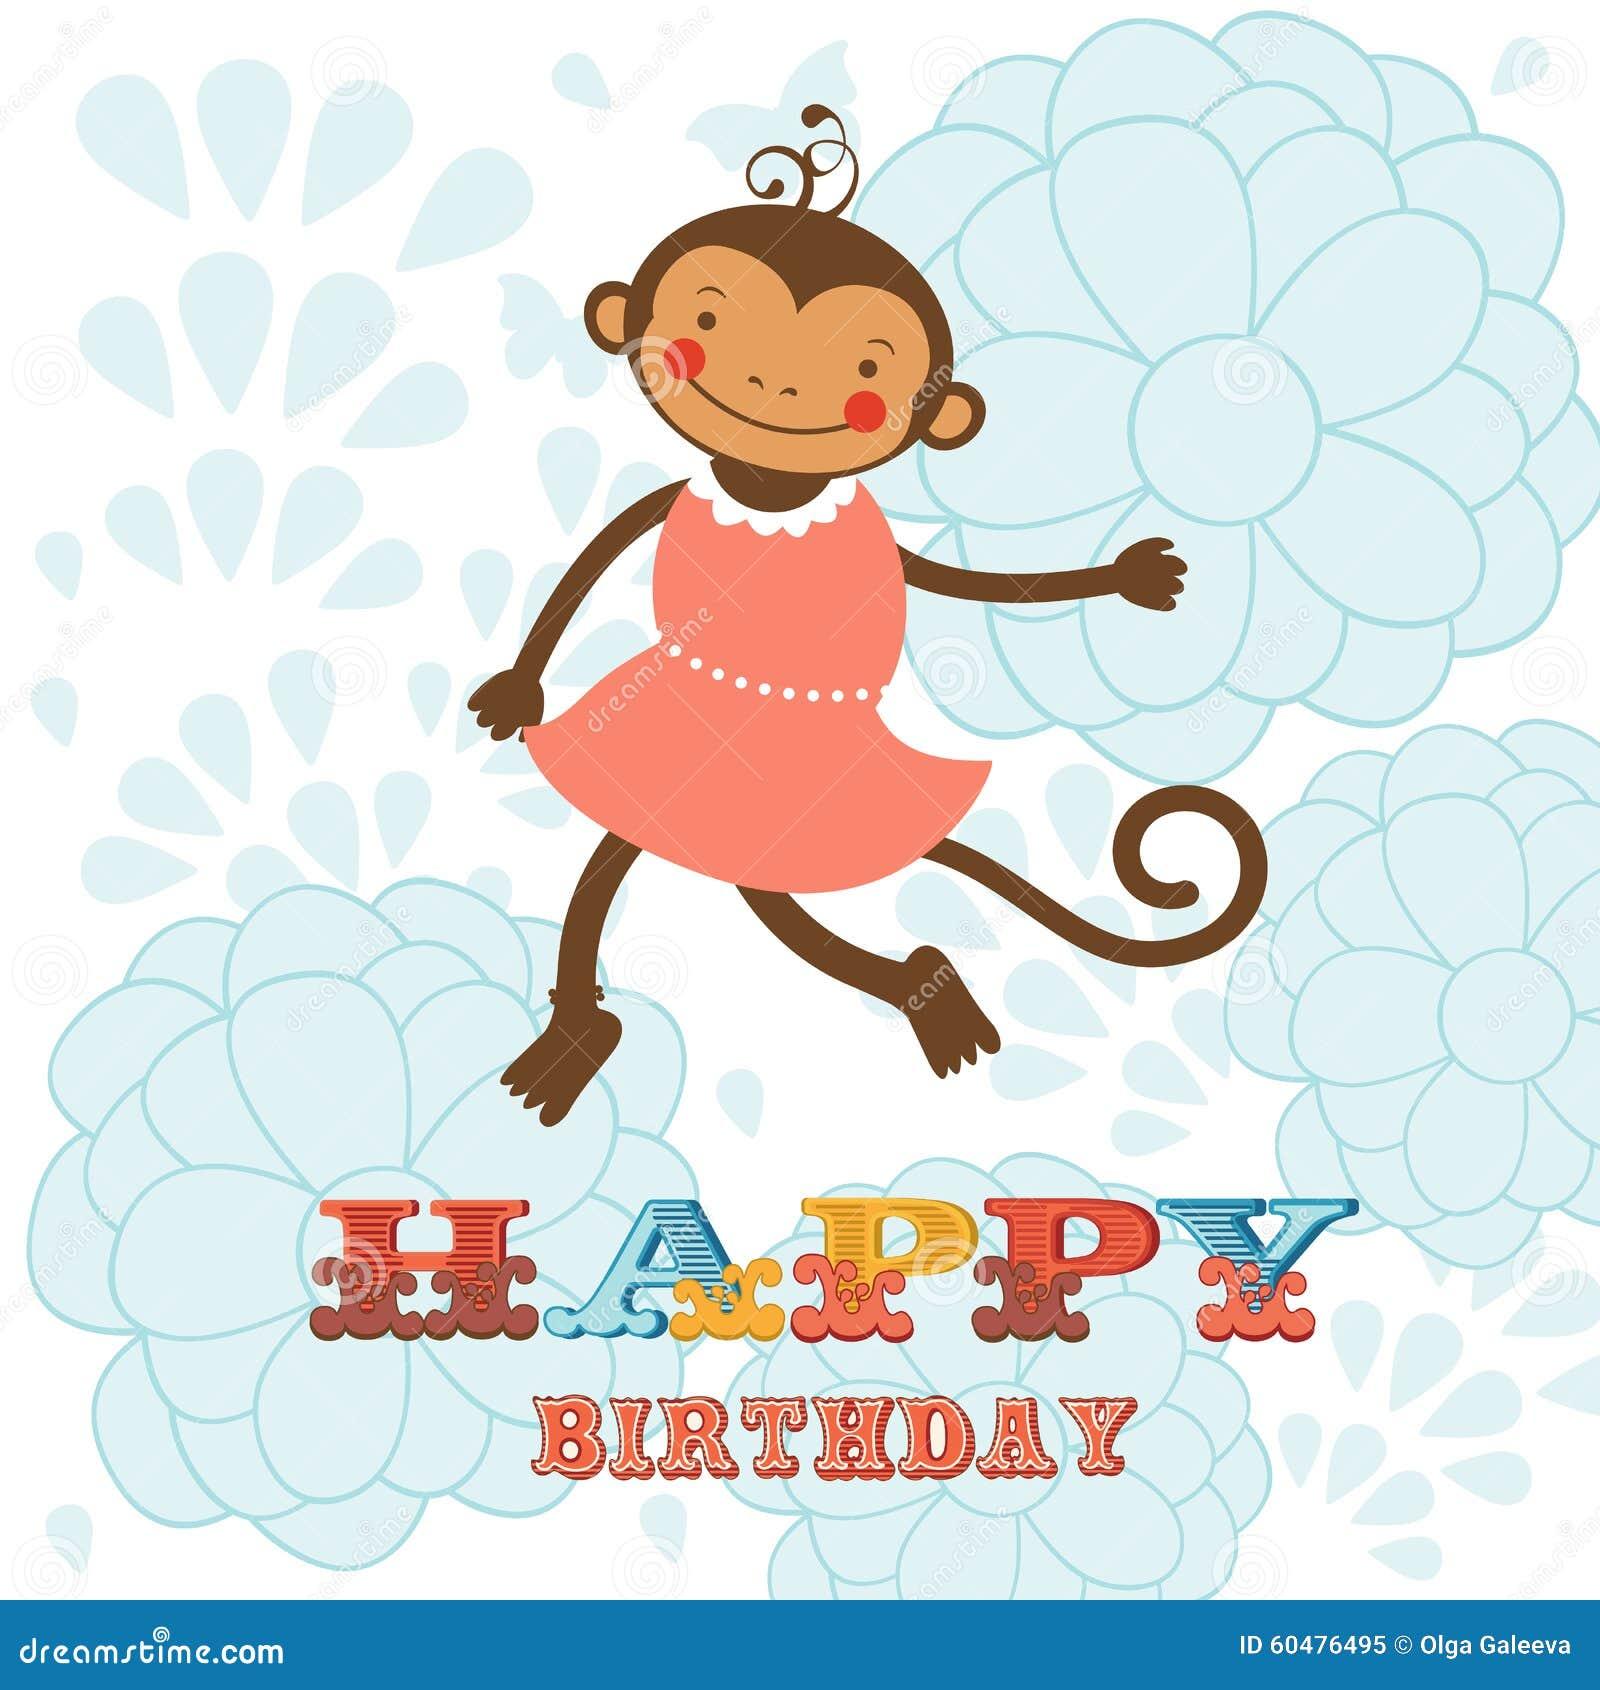 Картинки обезьянки с днем рождения, открытки годик мальчику